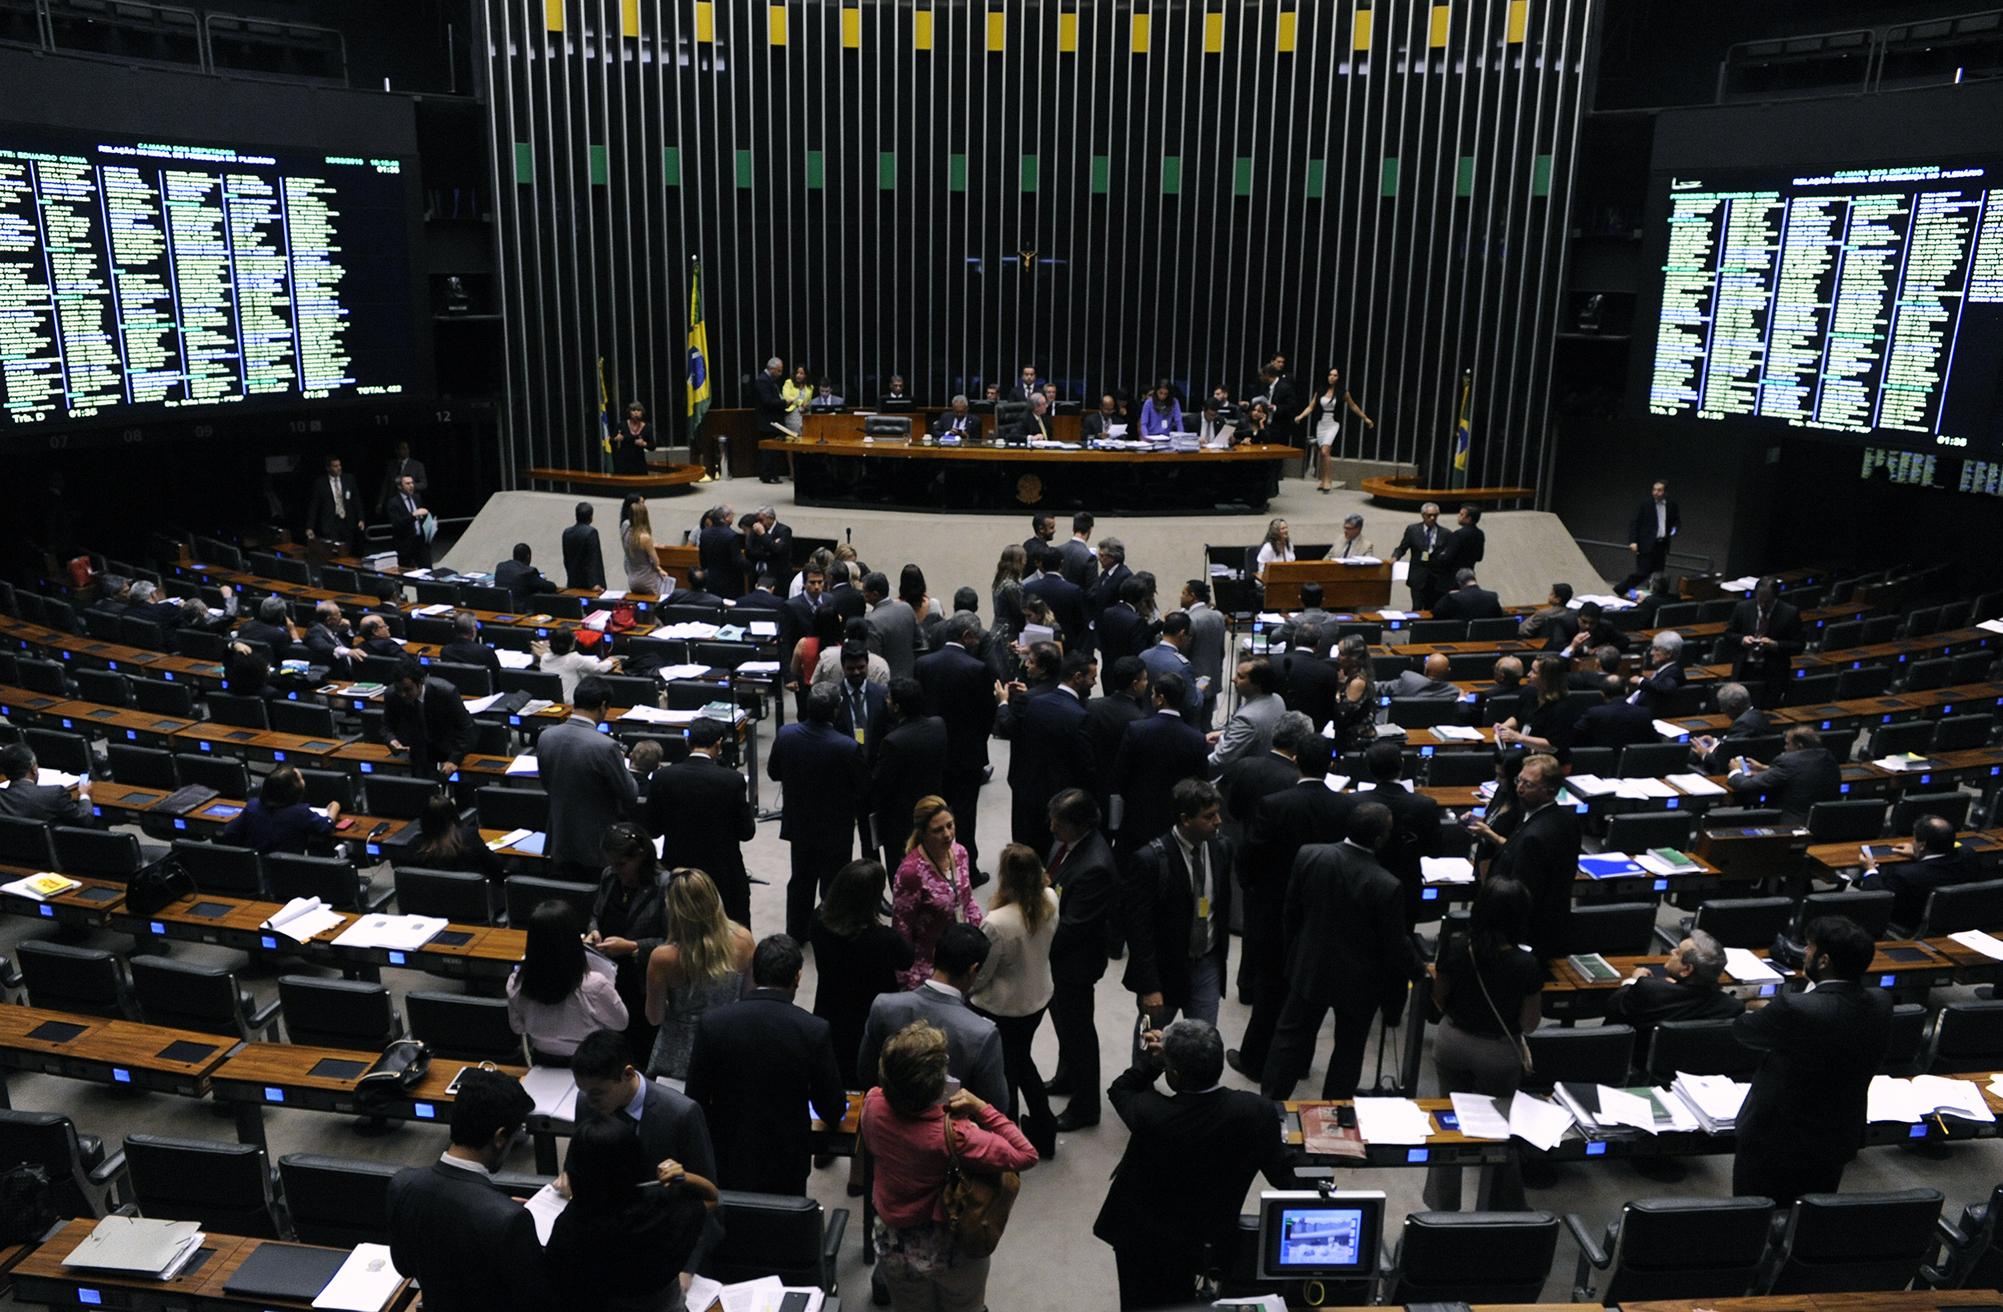 Sessão extraordinária para discussão e votação de diversos projetos